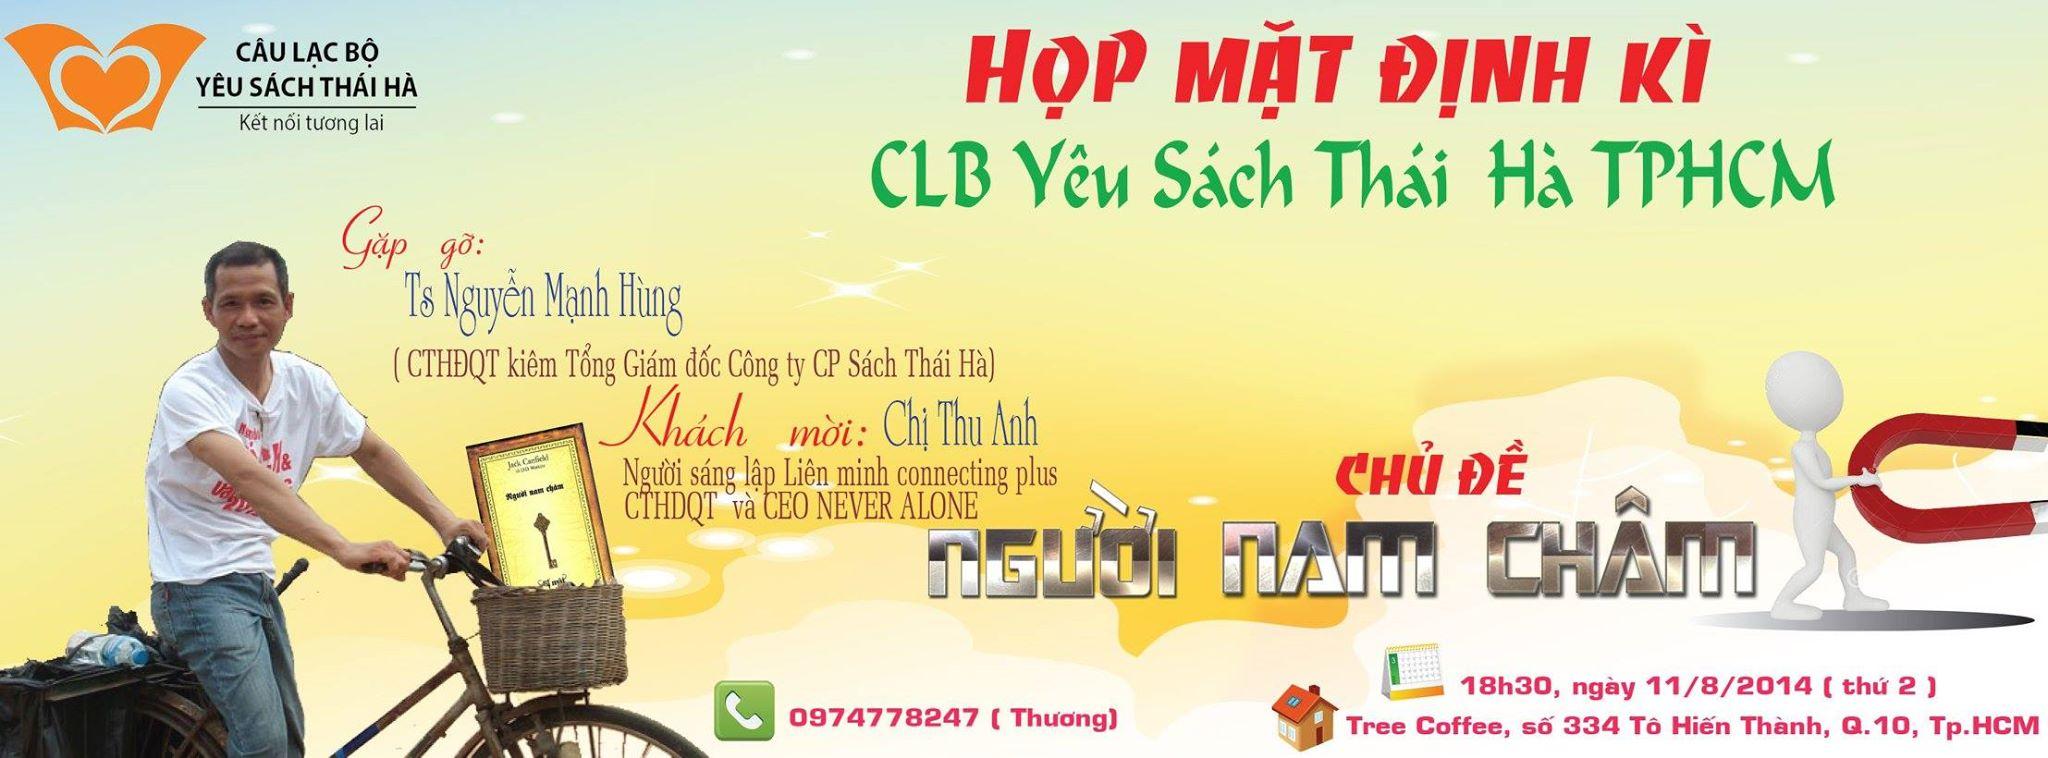 Đọc sách và ứng dụng cùng CLB Yêu Sách Thái Hà Hồ Chí Minh